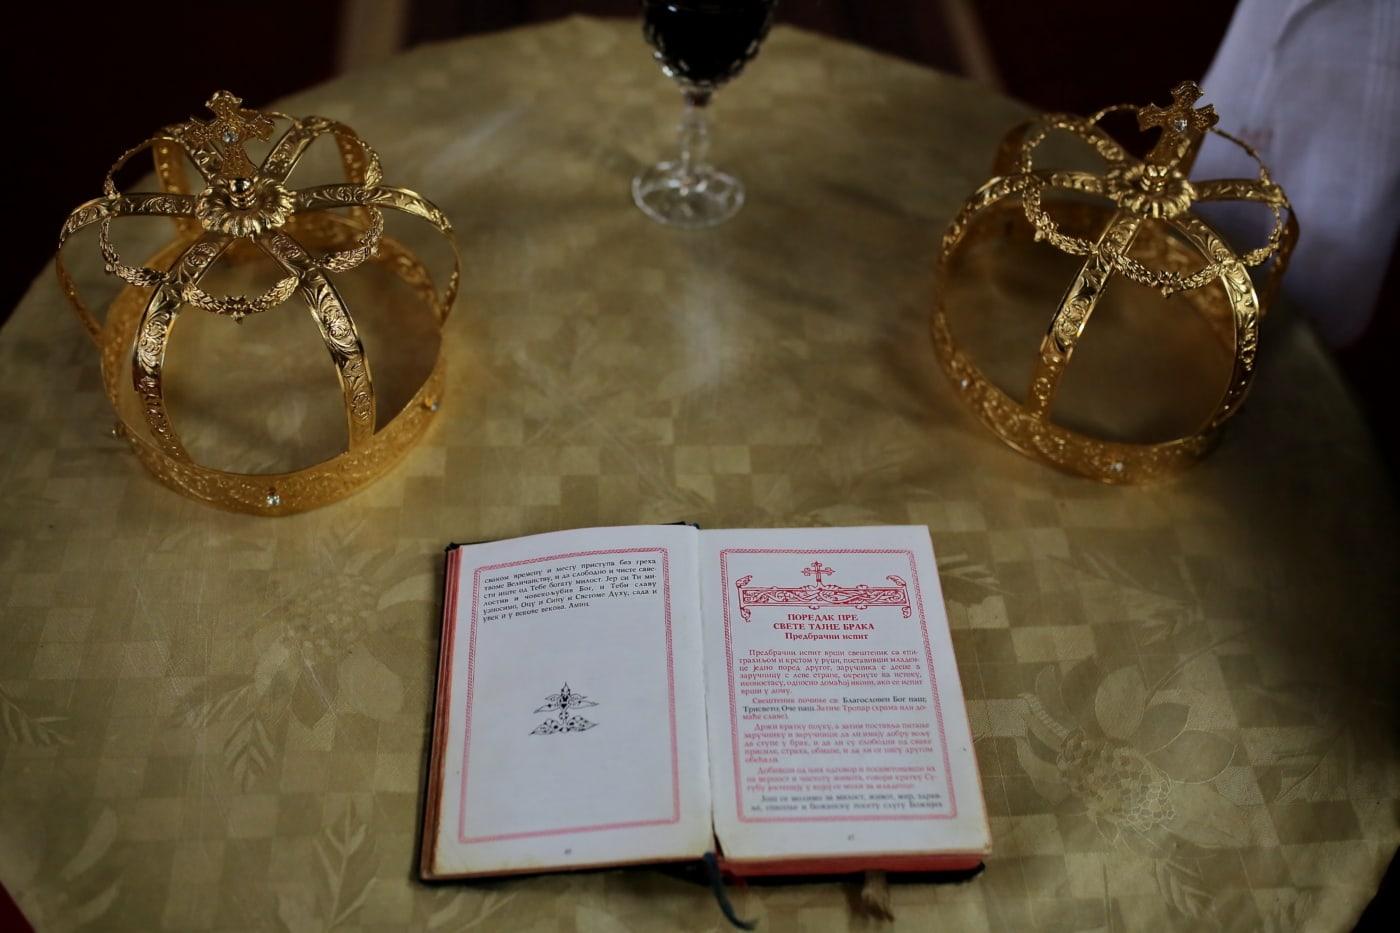 tradisjon, Bibelen, krone, kroning, bryllup, religiøse, bok, gull, Vinter, skinner